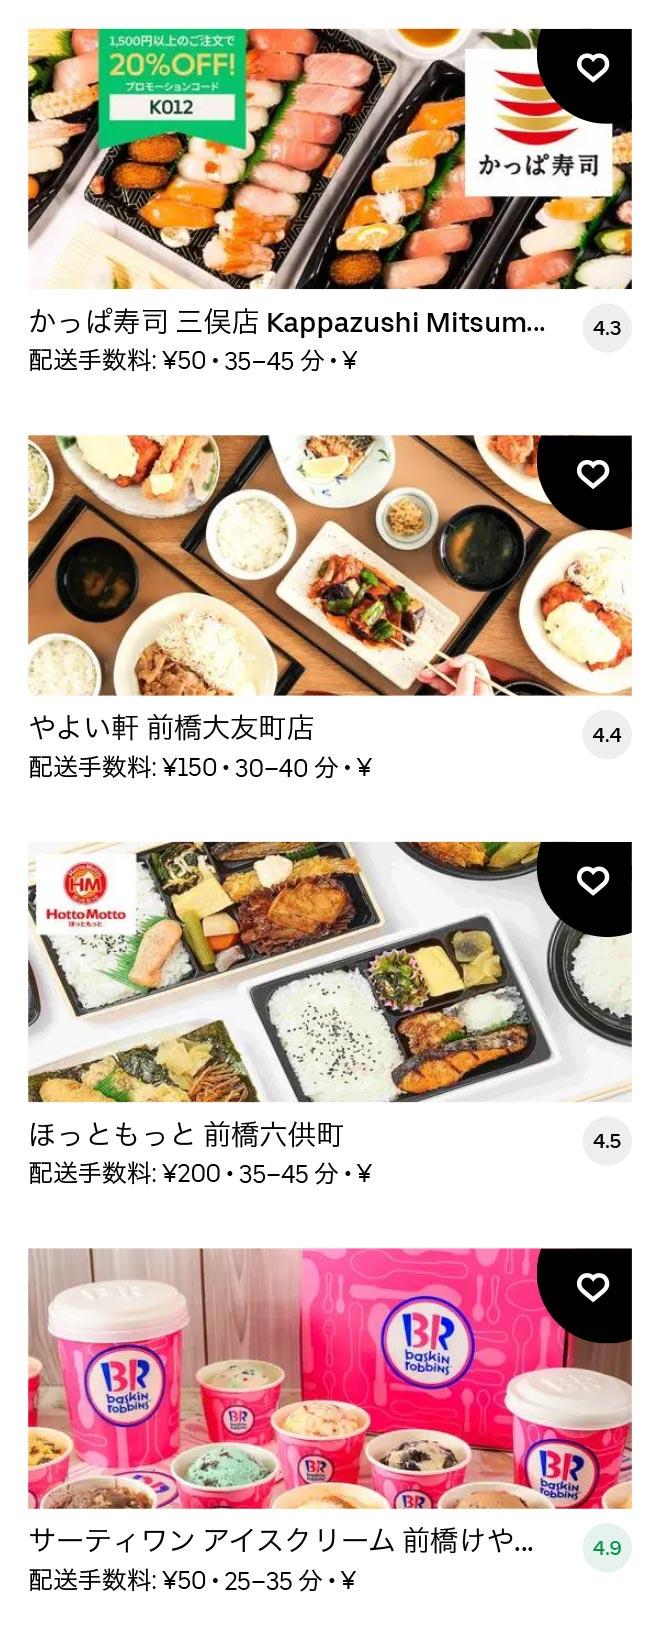 Chuo maebashi menu 2012 04